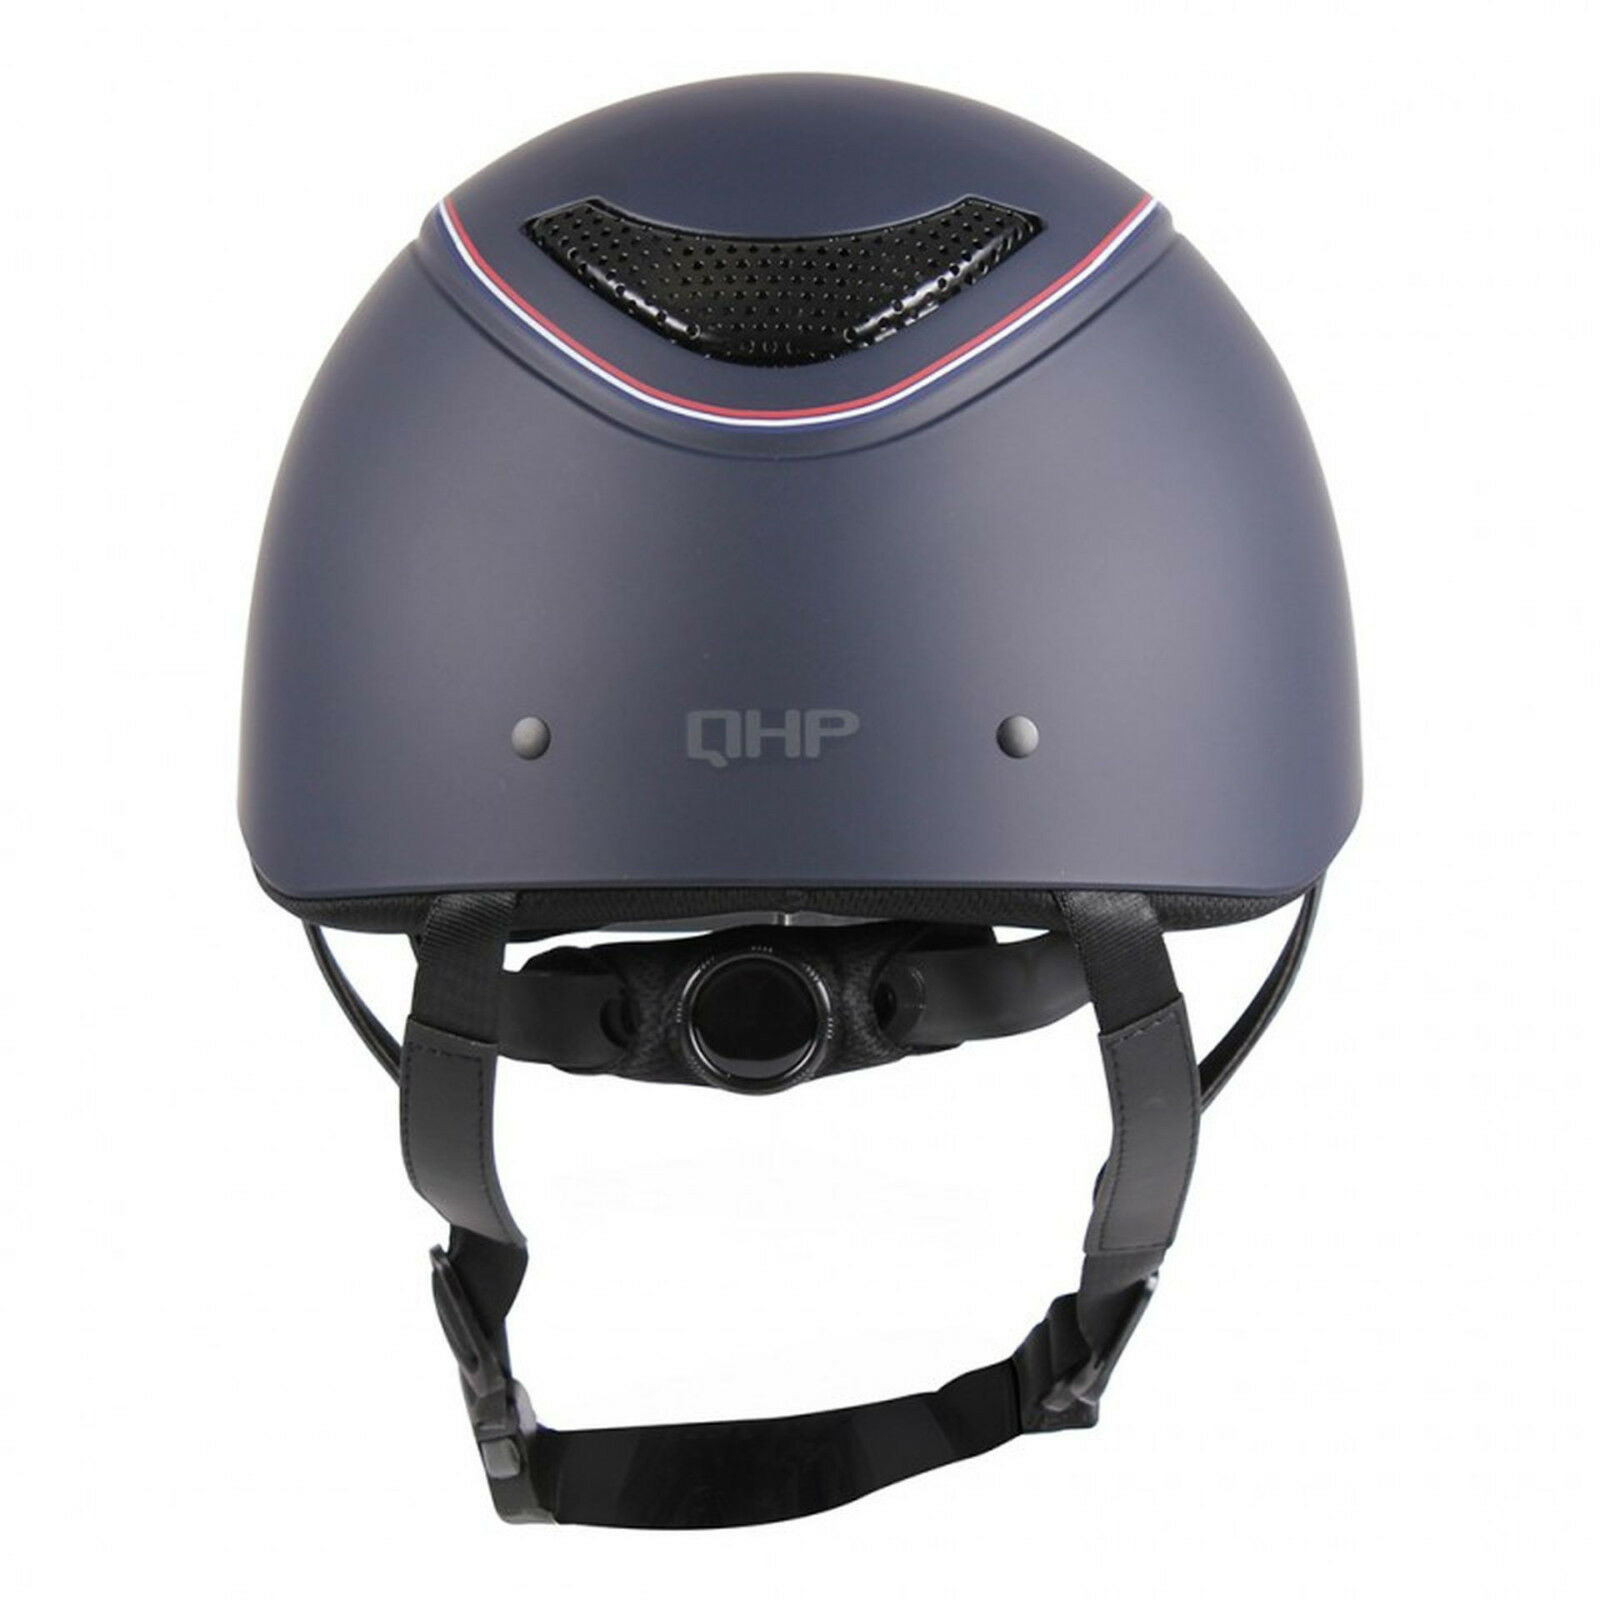 QHP Sicherheits-Reithelm Dynamic VG1 01 glatte 040 glatte 01 Schale mit Kontraststreifen d30c28